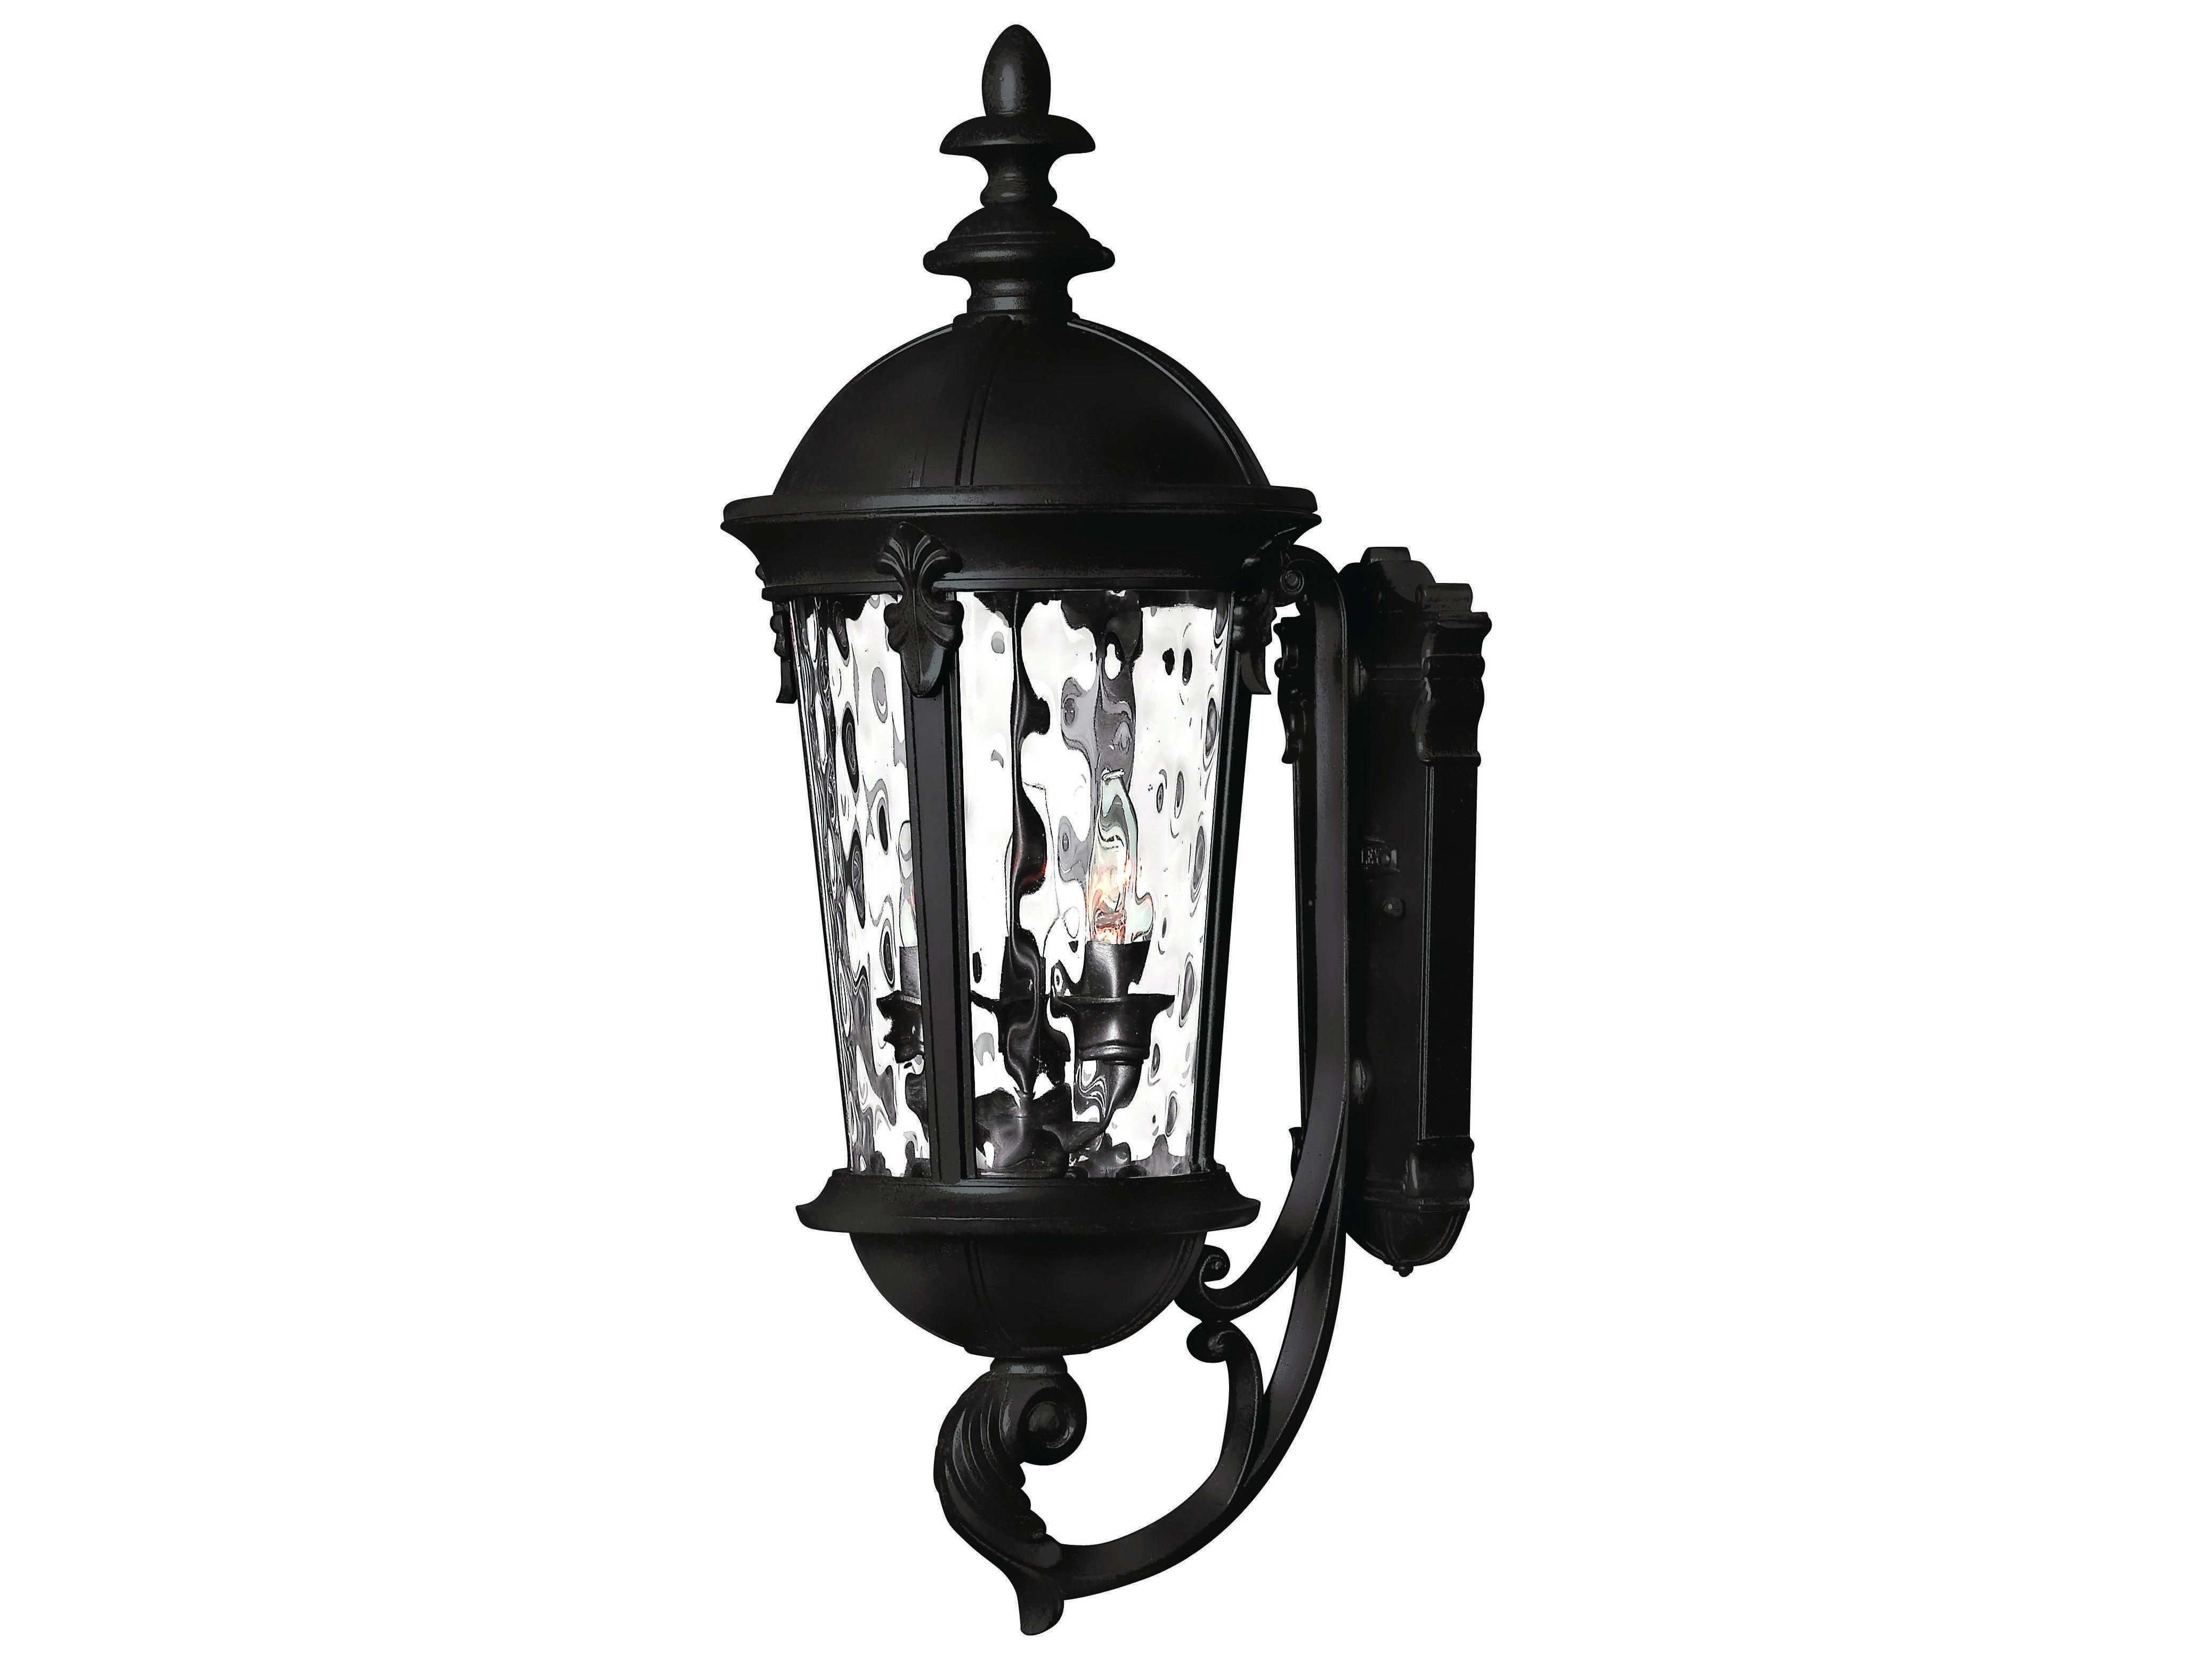 Led Outside Wall Lights Black : Hinkley Lighting Windsor Black LED Outdoor Wall Light 1894BK-LED